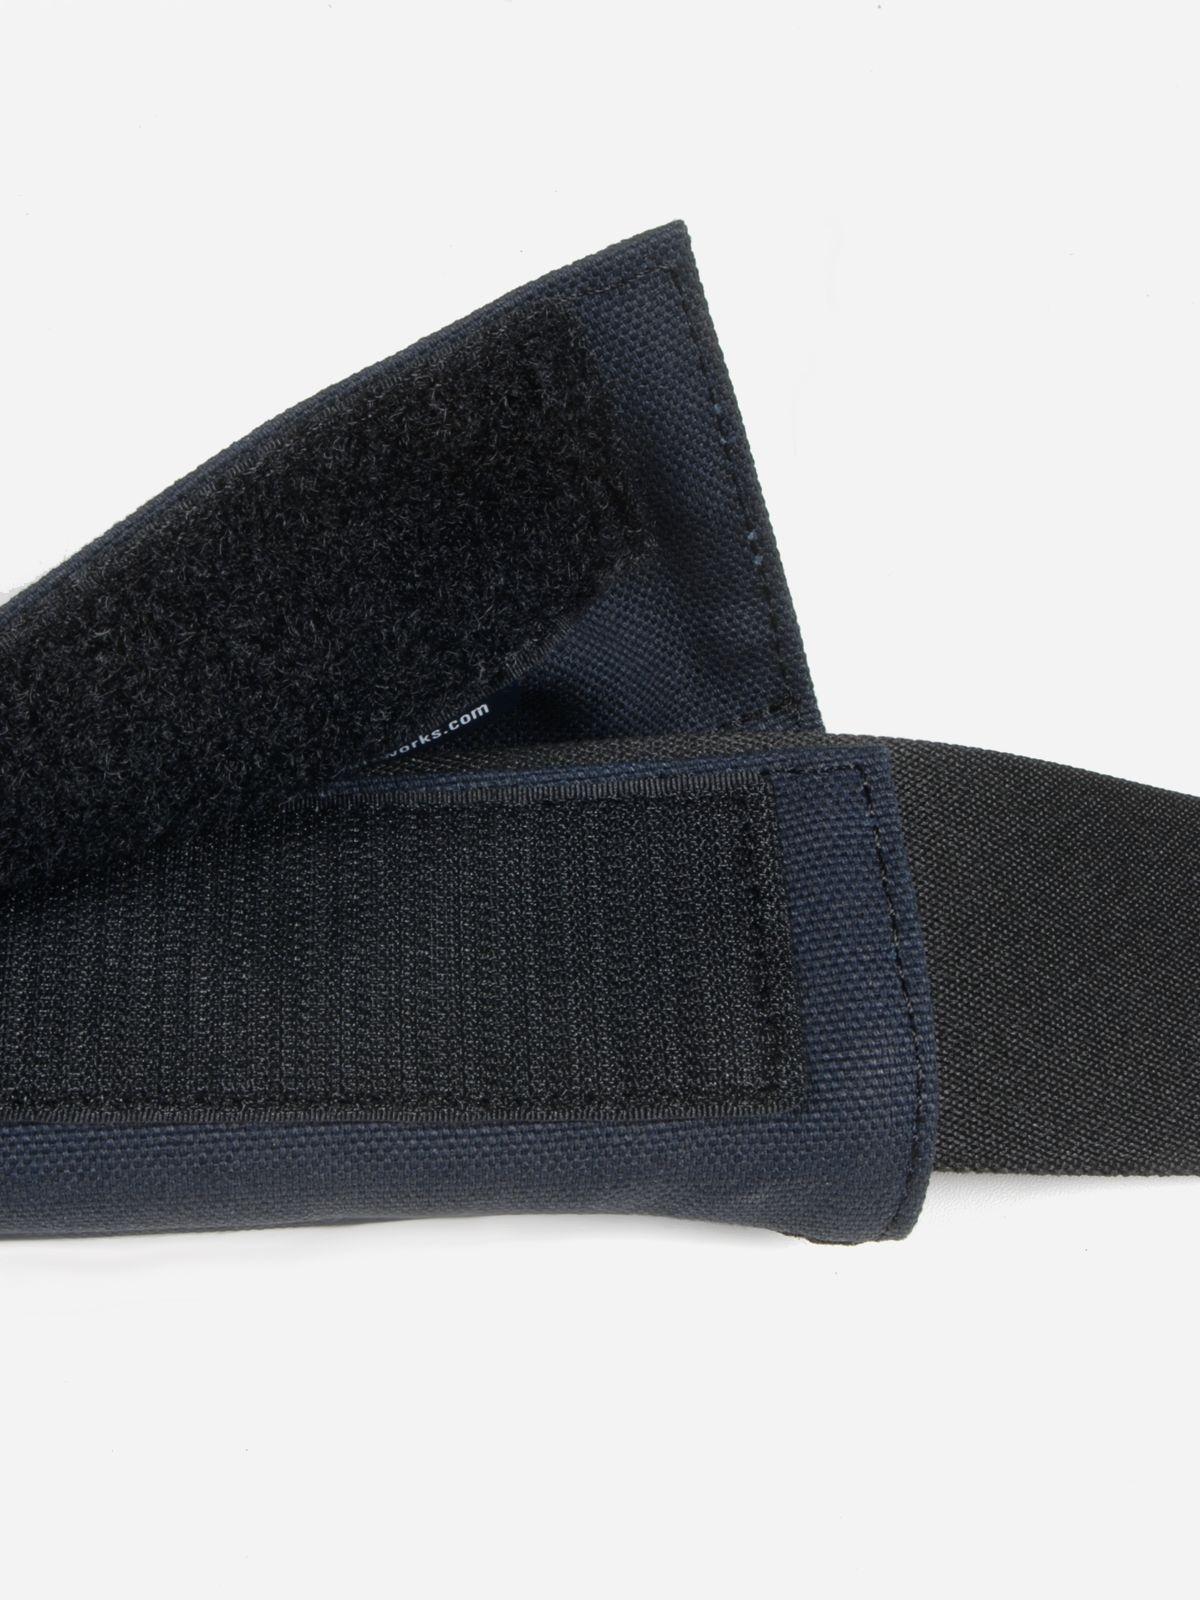 A2 shoulder pad